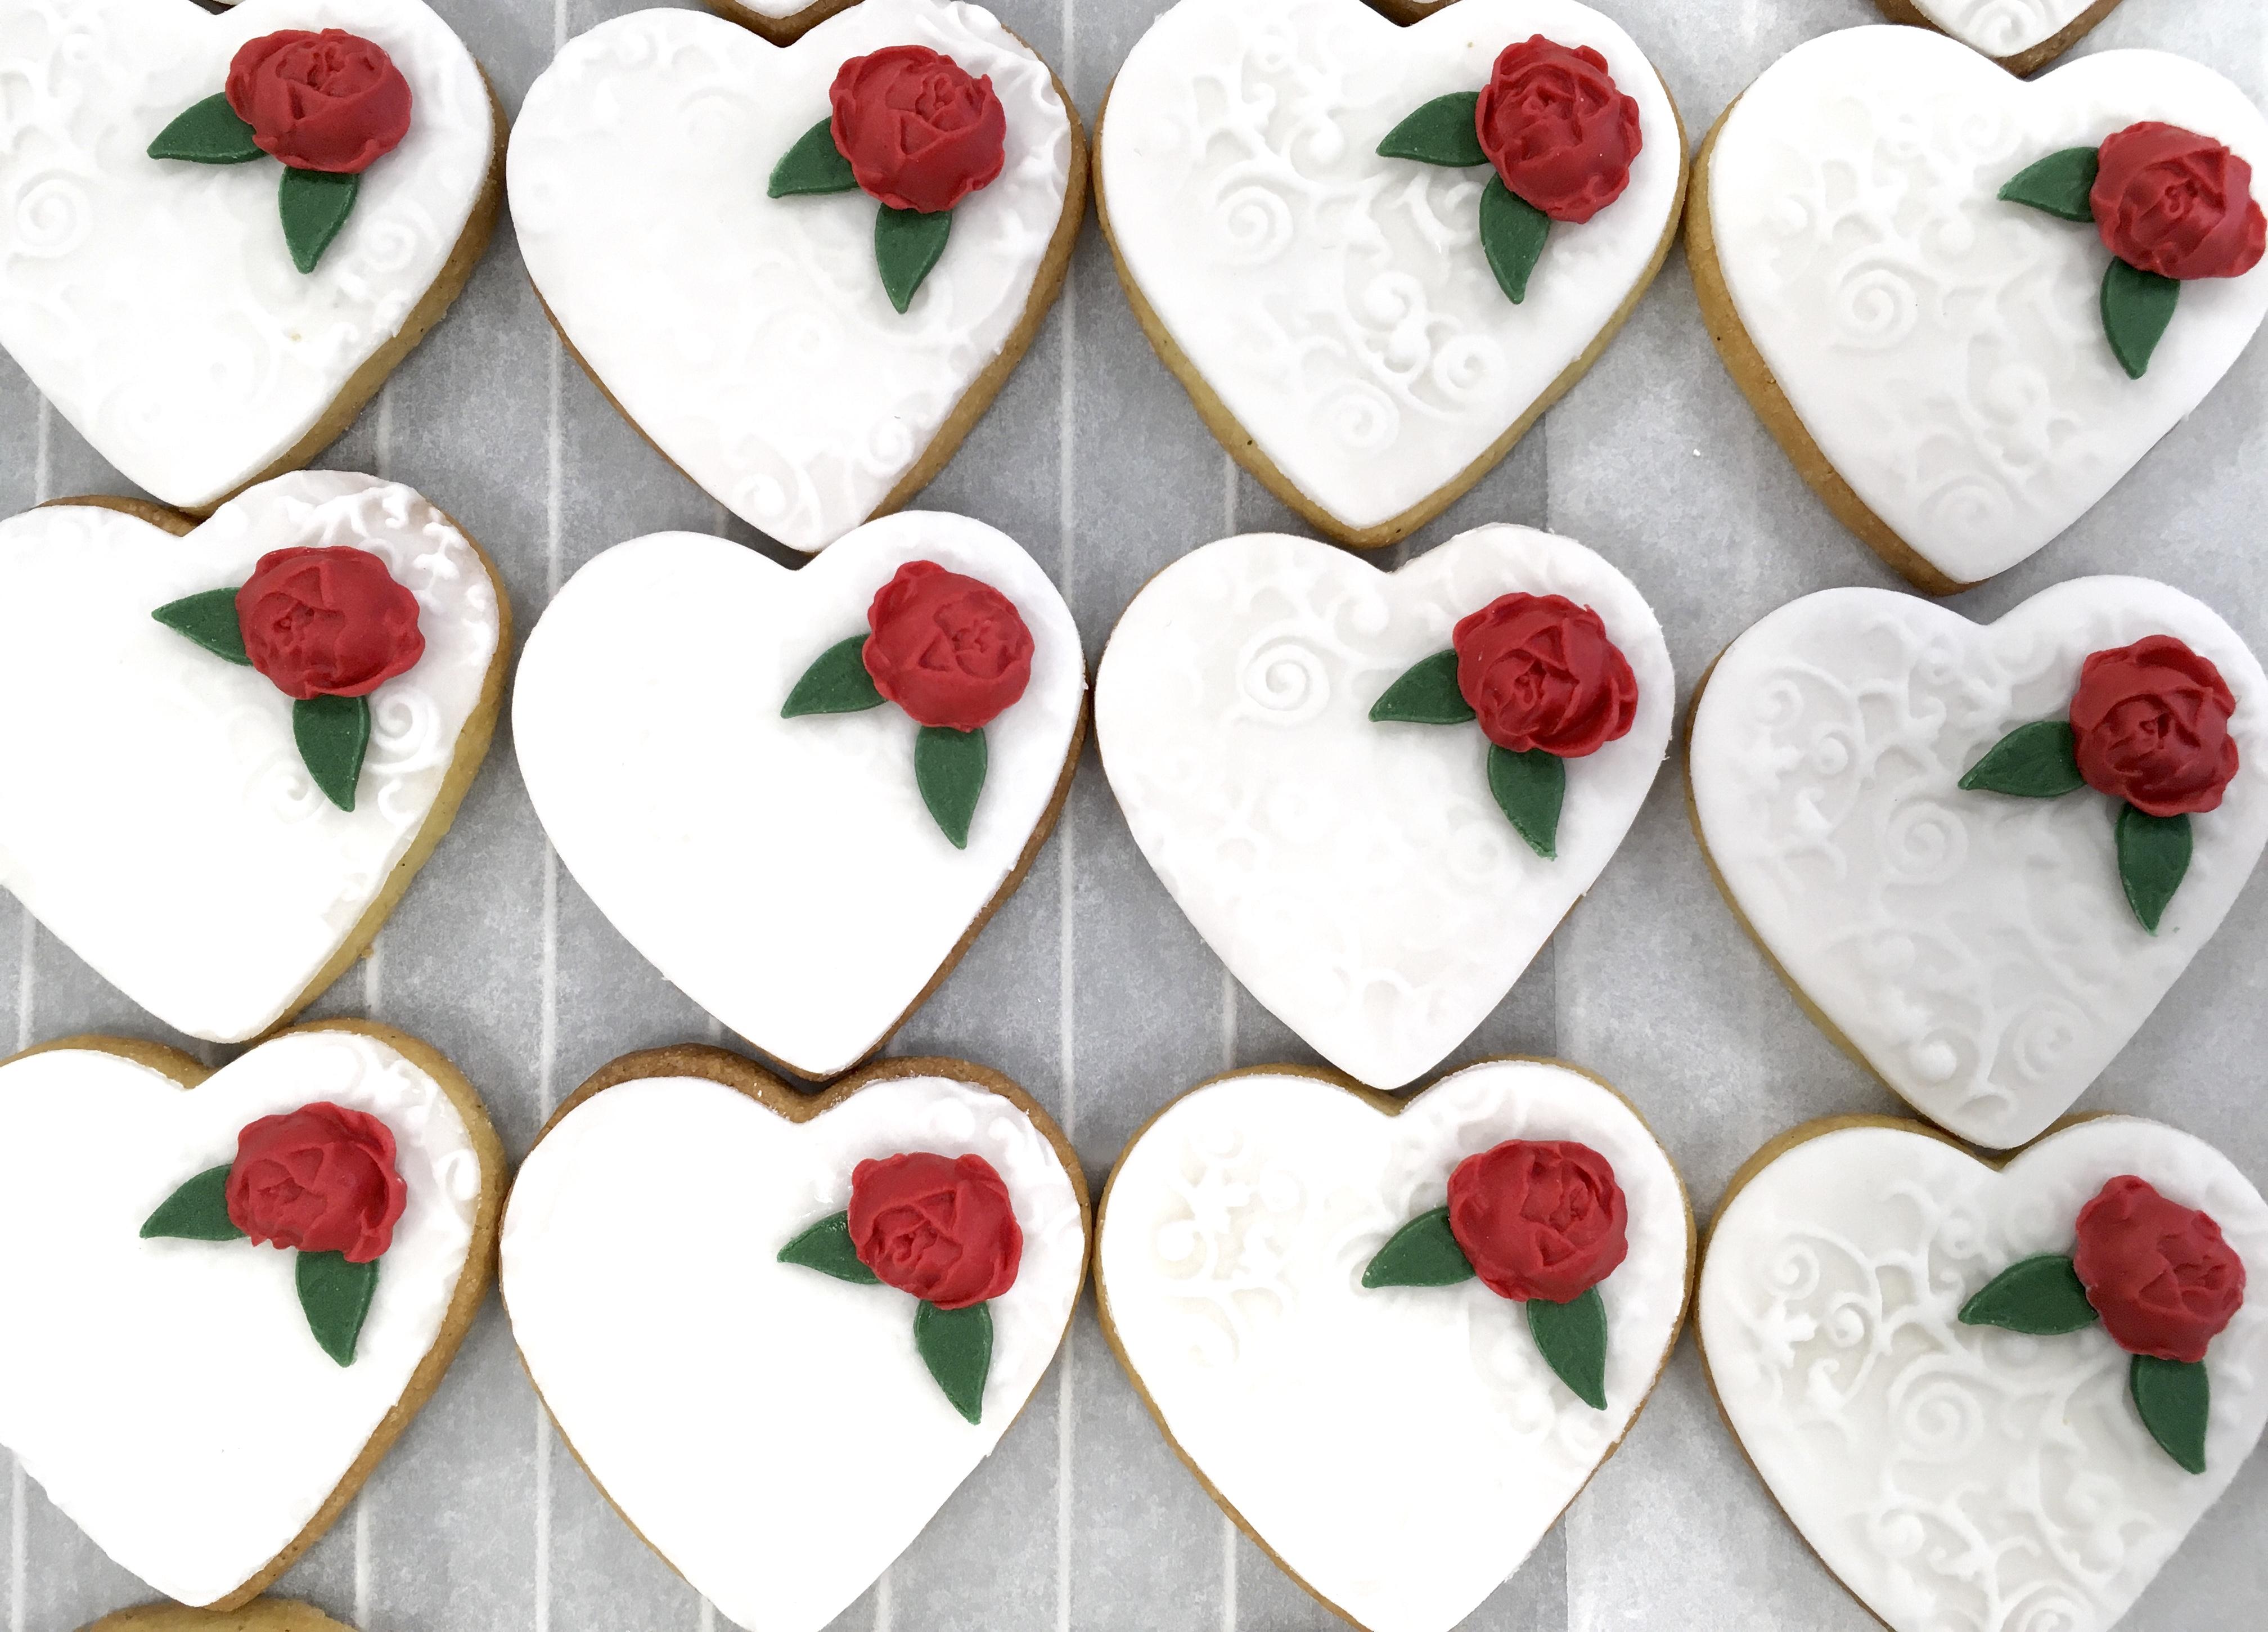 Gâteaux individuels personnalisés - Sablés décorés Fête des mères Rose rouge